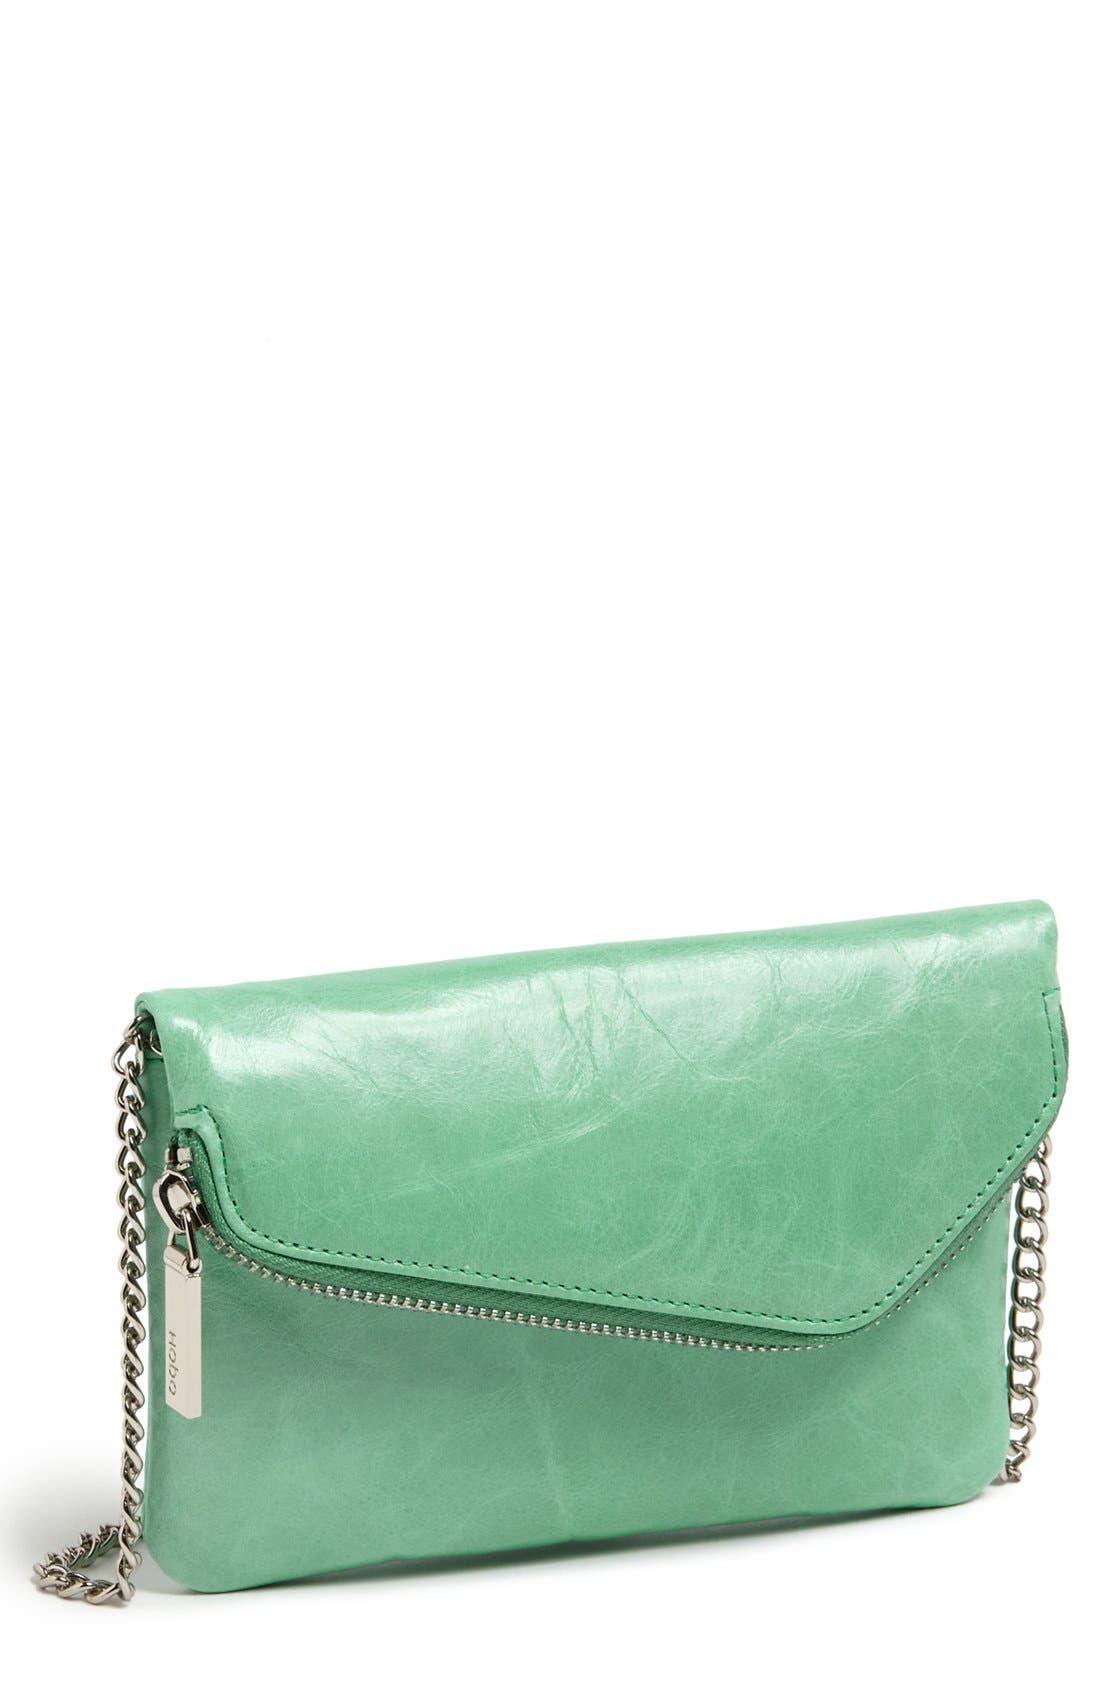 Alternate Image 1 Selected - Hobo 'Daria' Leather Crossbody Bag